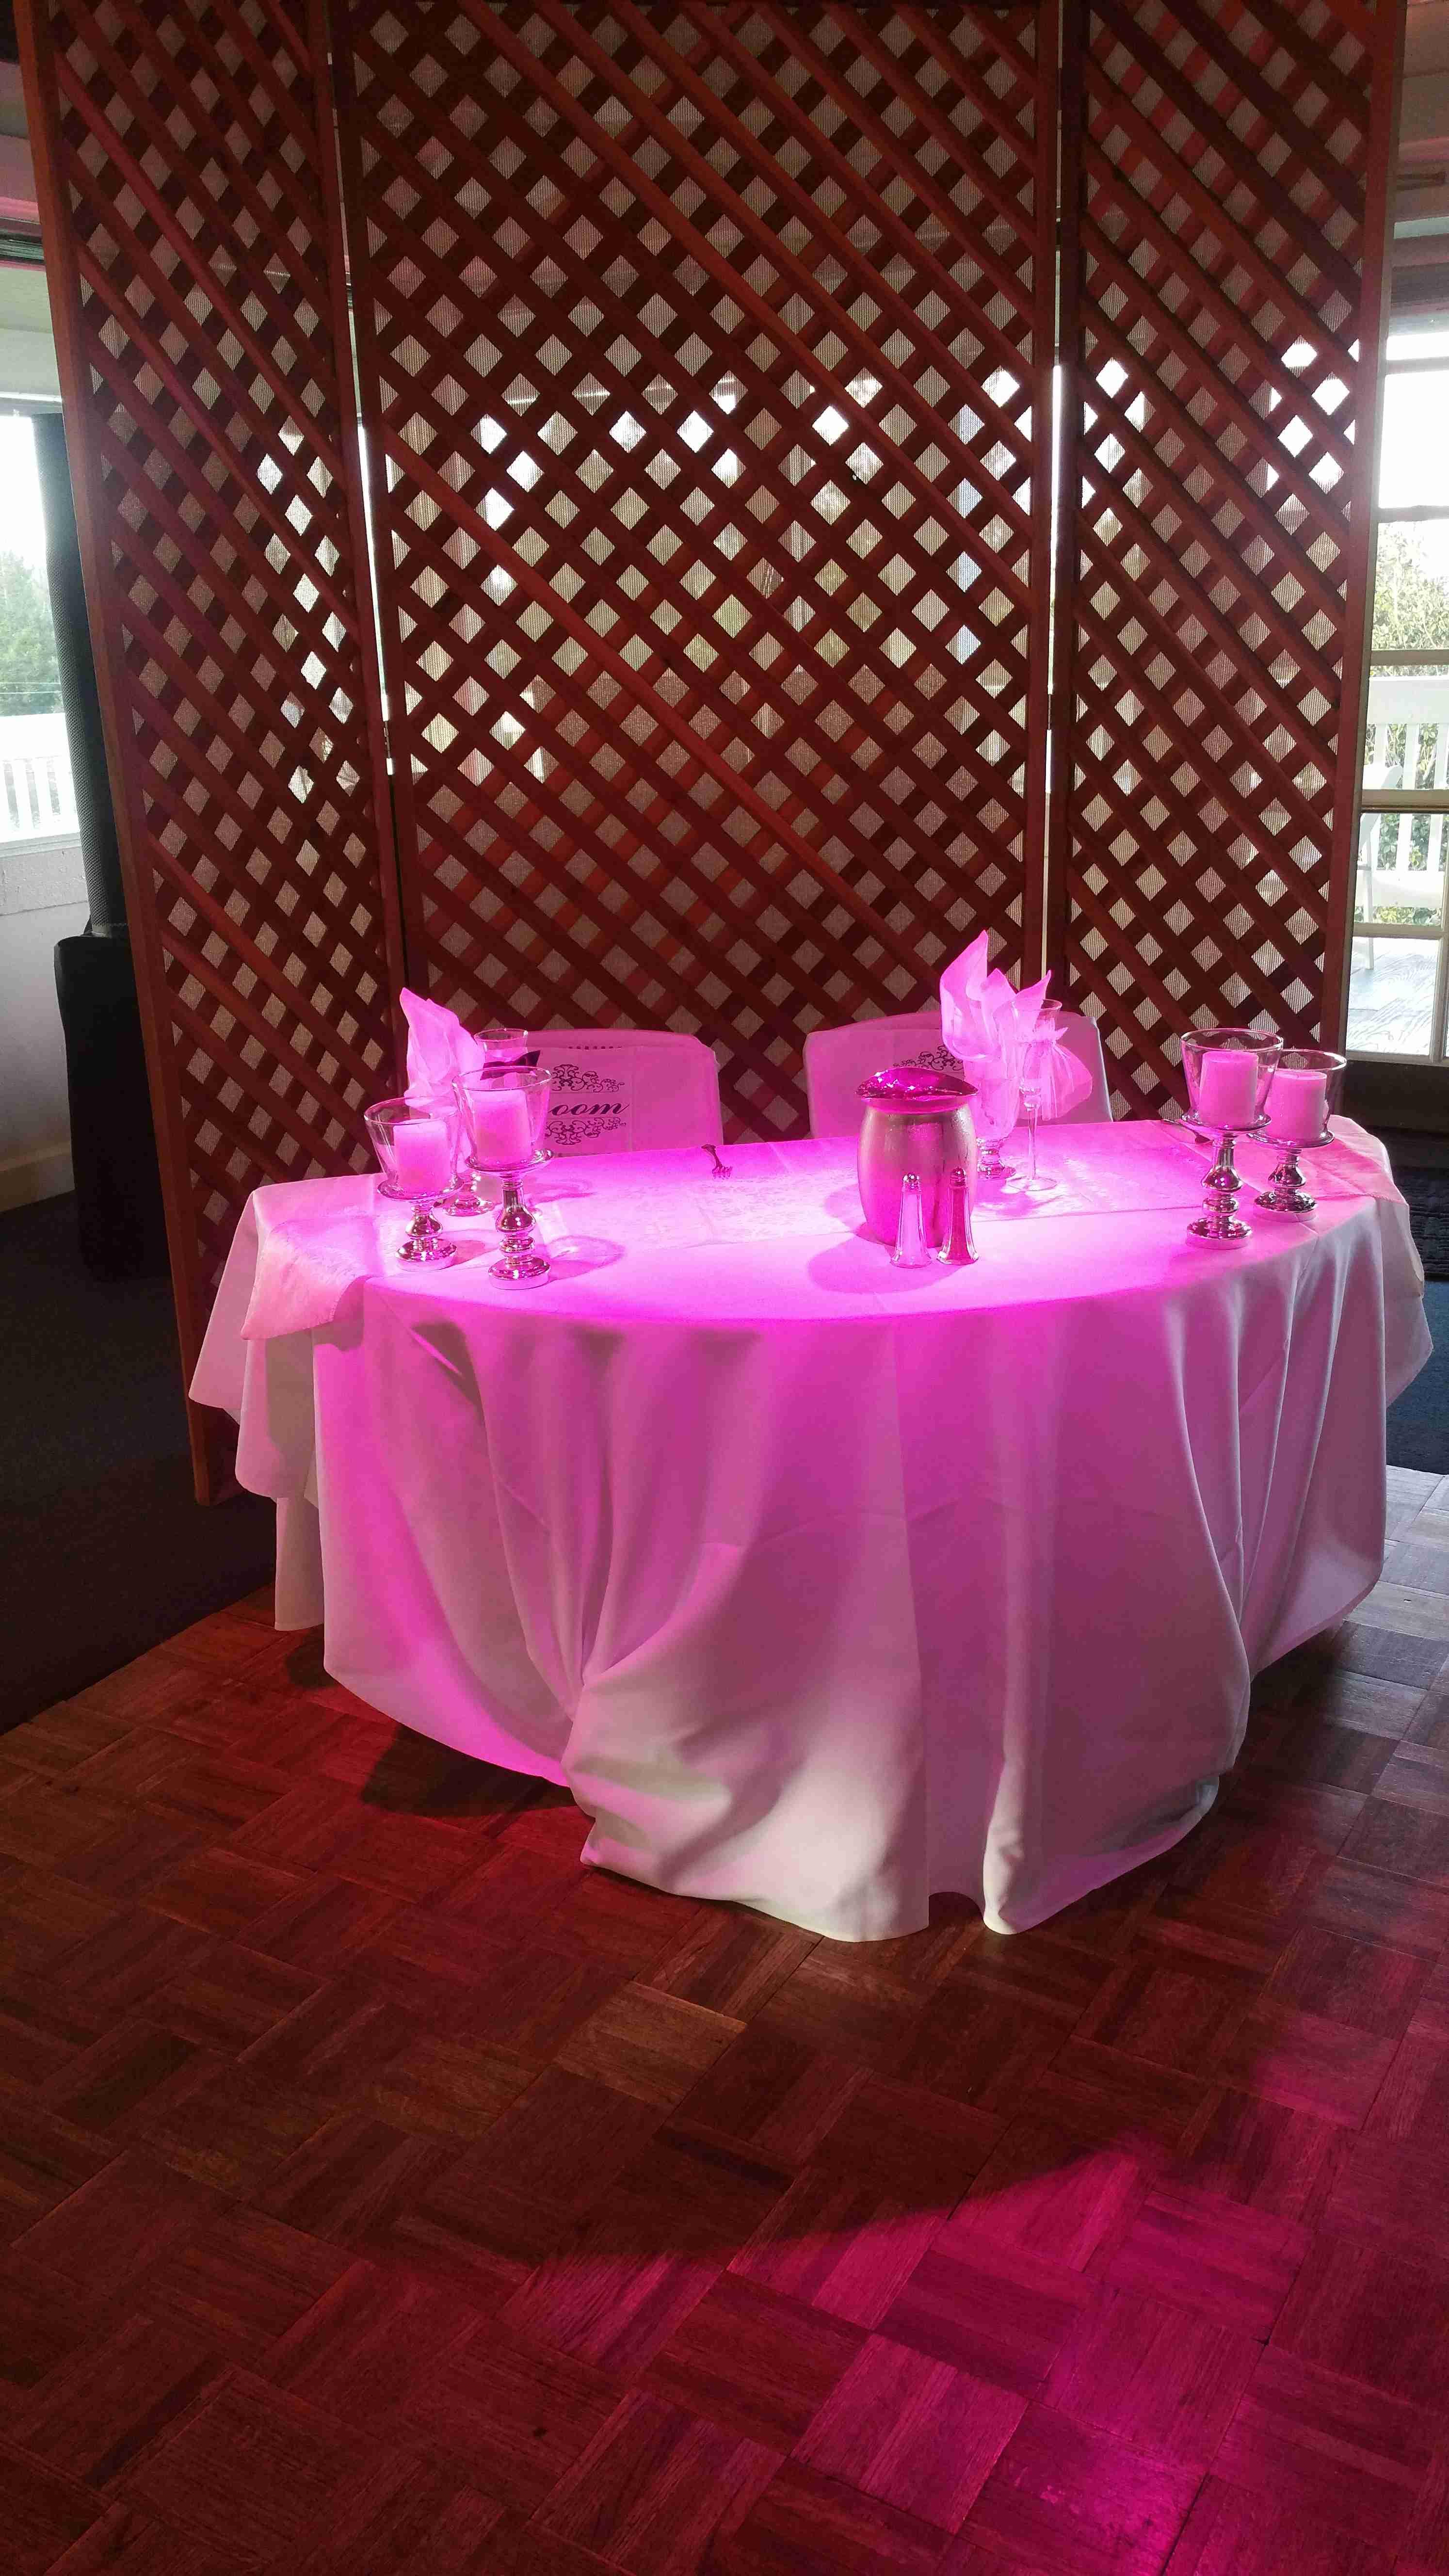 Chez Shari Banquet Facility image 9